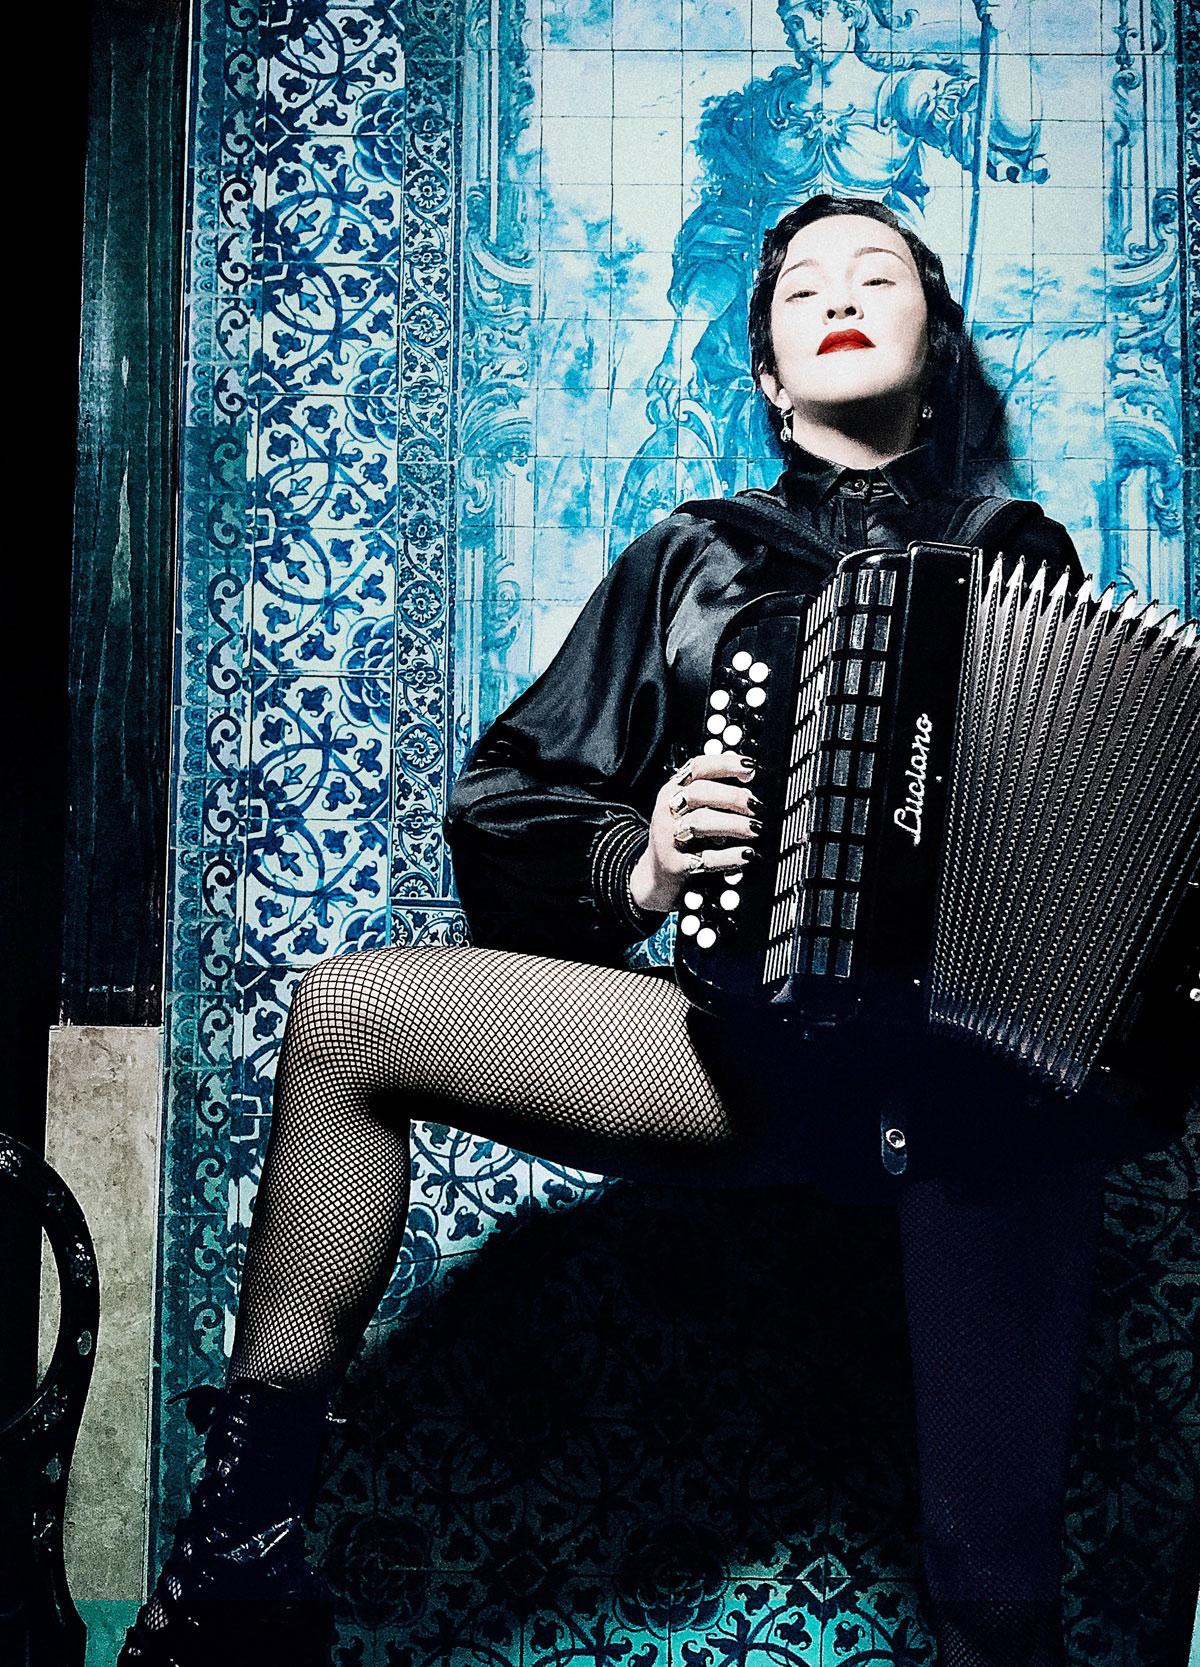 Madonna recorre à crioterapia para tratar nódoas negras